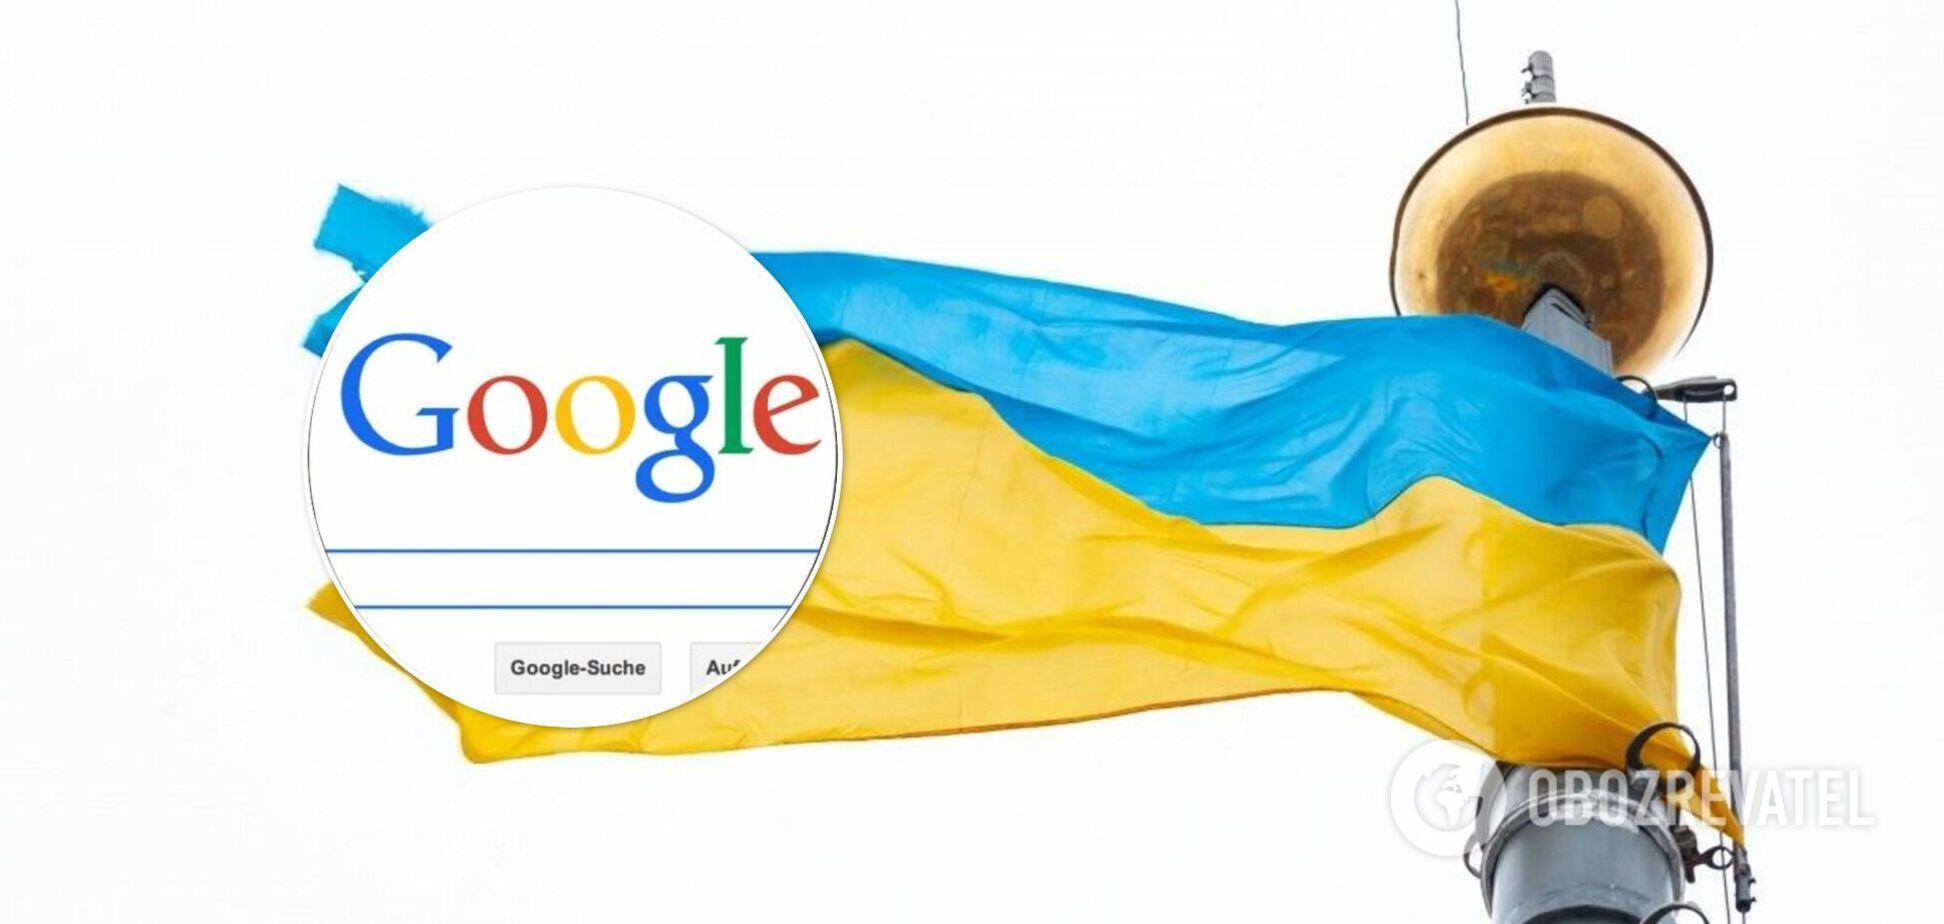 Google поздравил украинцев с Днем Независимости ярким дудлом. Фото